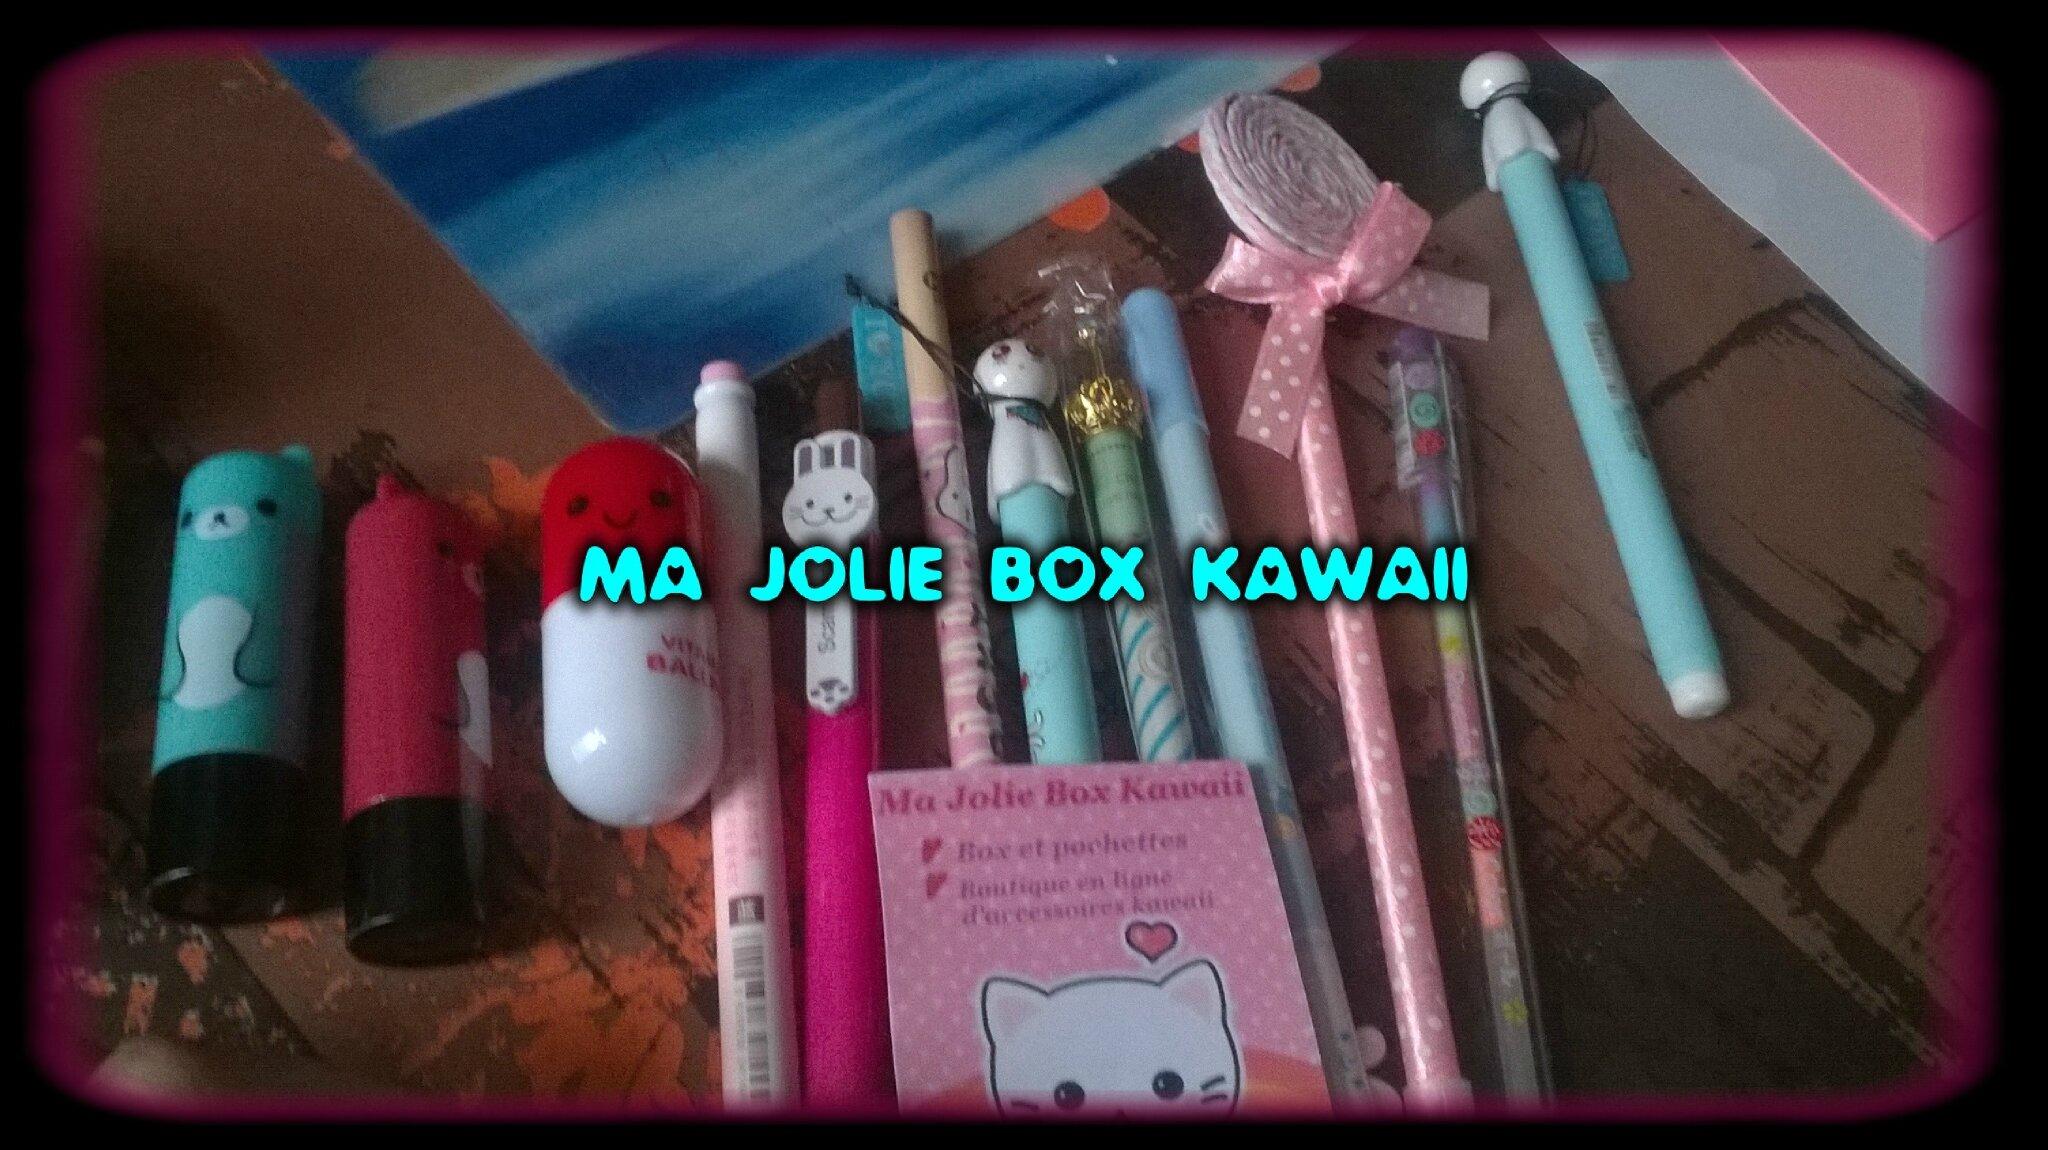 Ma jolie box kawaii - HAUL/TEST 2